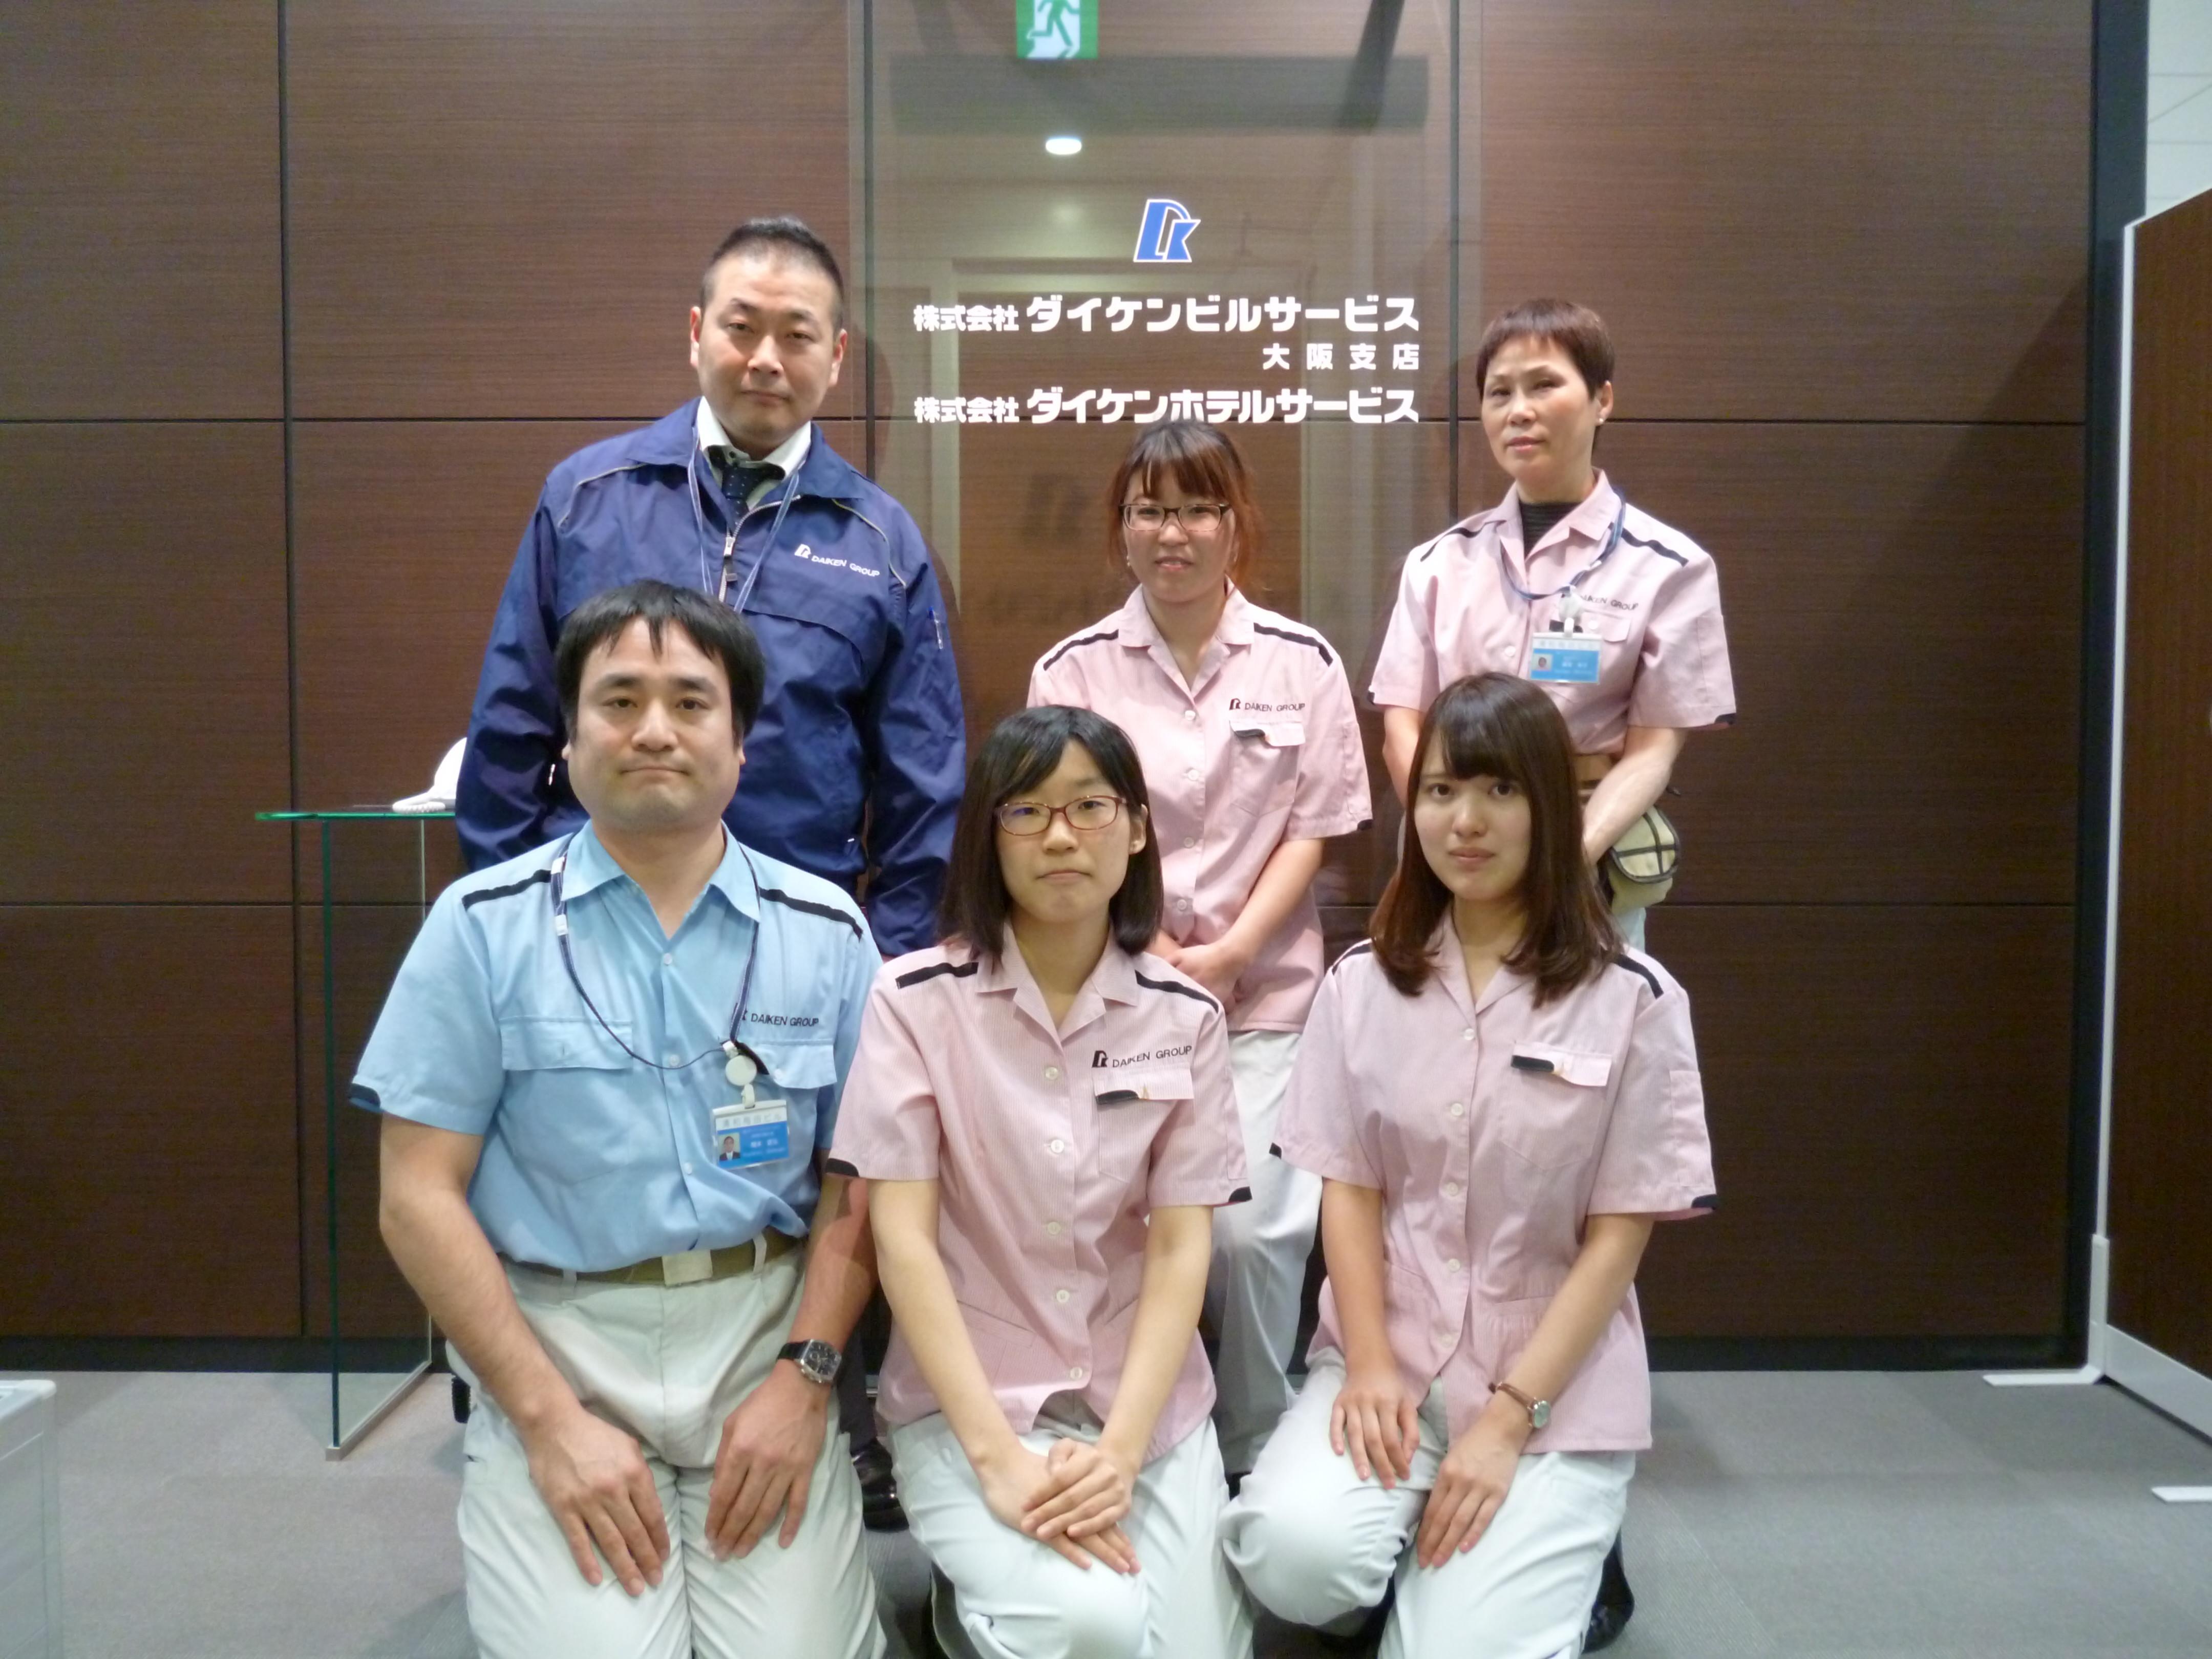 清掃スタッフ 堺筋本町オフィスビル 株式会社ダイケンビルサービス のアルバイト情報